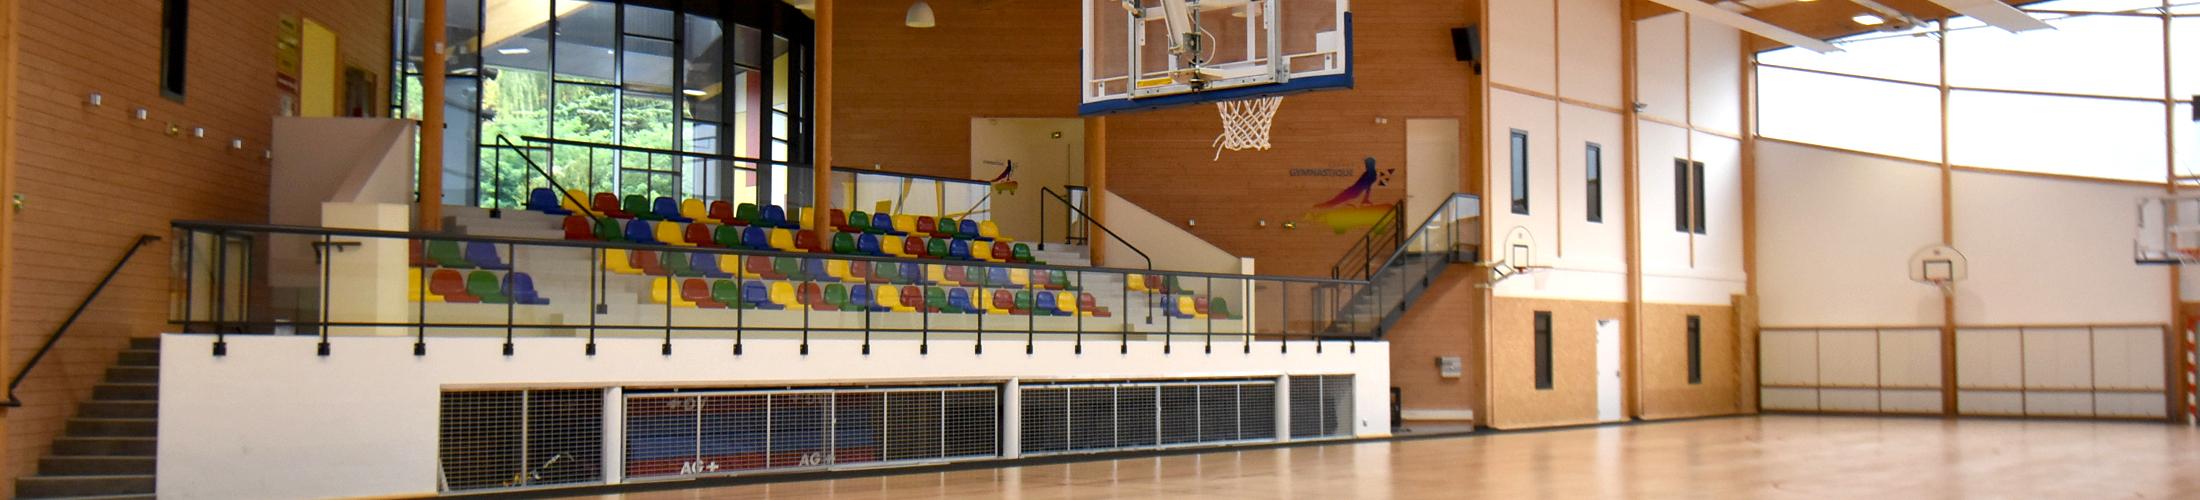 A faire en intérieur Oui c'est vrai, il pleut quelquefois en Normandie, voici donc quelques structures pour effectuer du sport à l'abri des goûtes ! Le 1